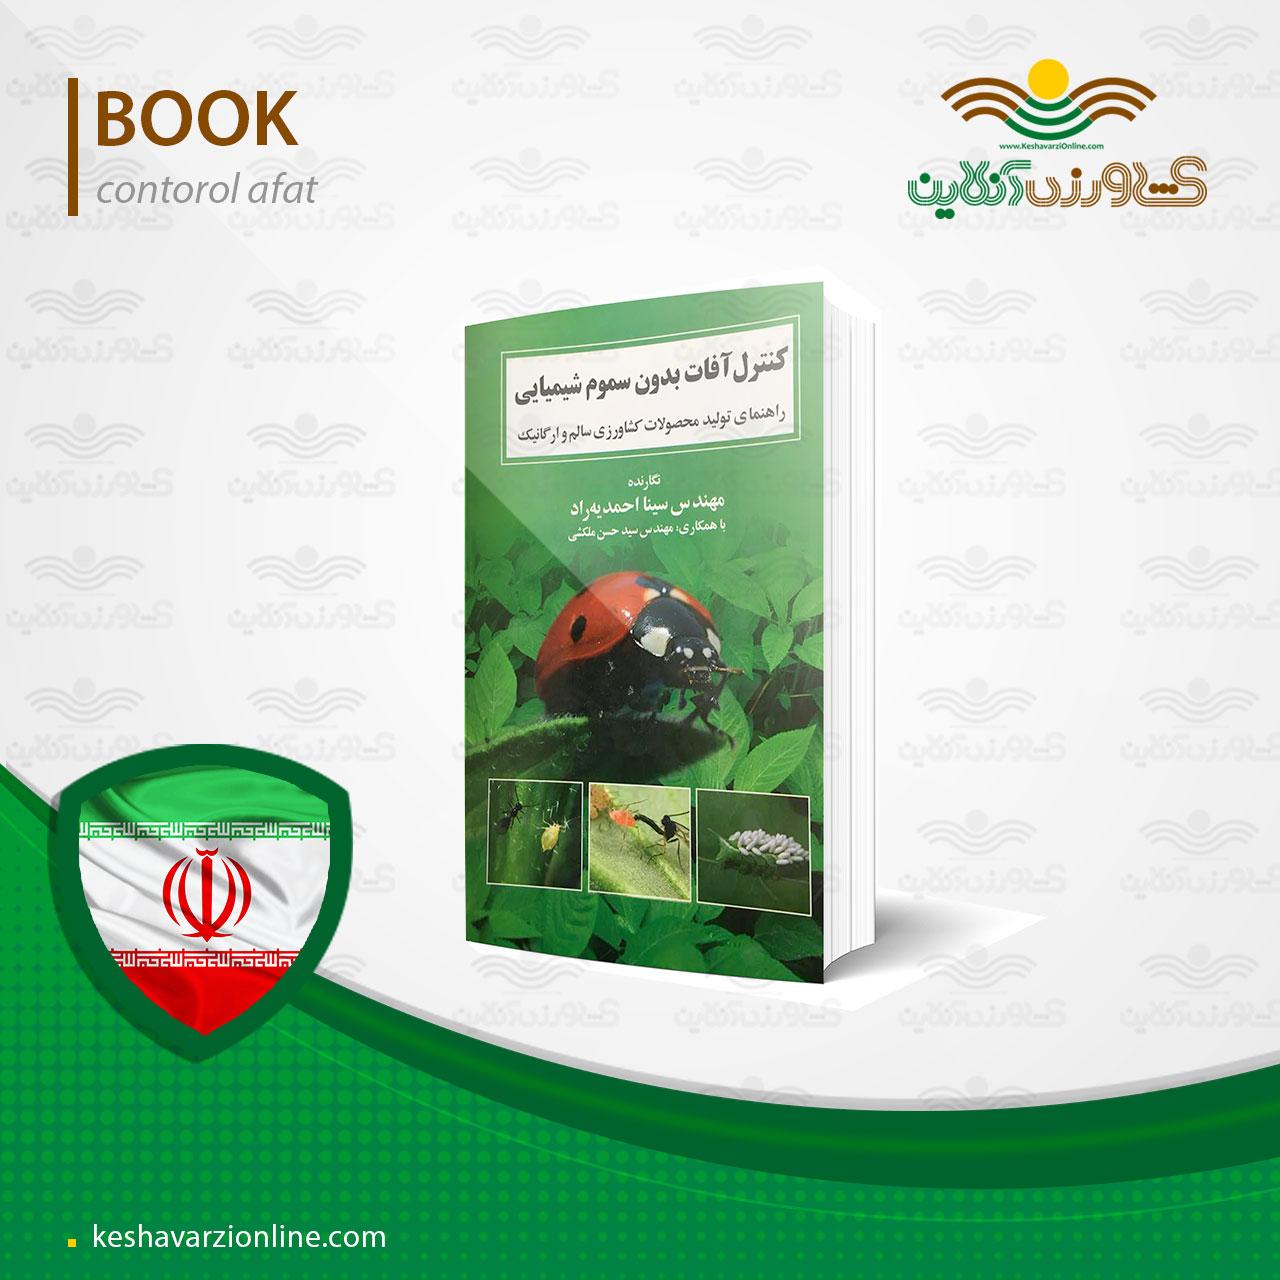 کتاب کنترل آفات بدون سموم شیمیایی